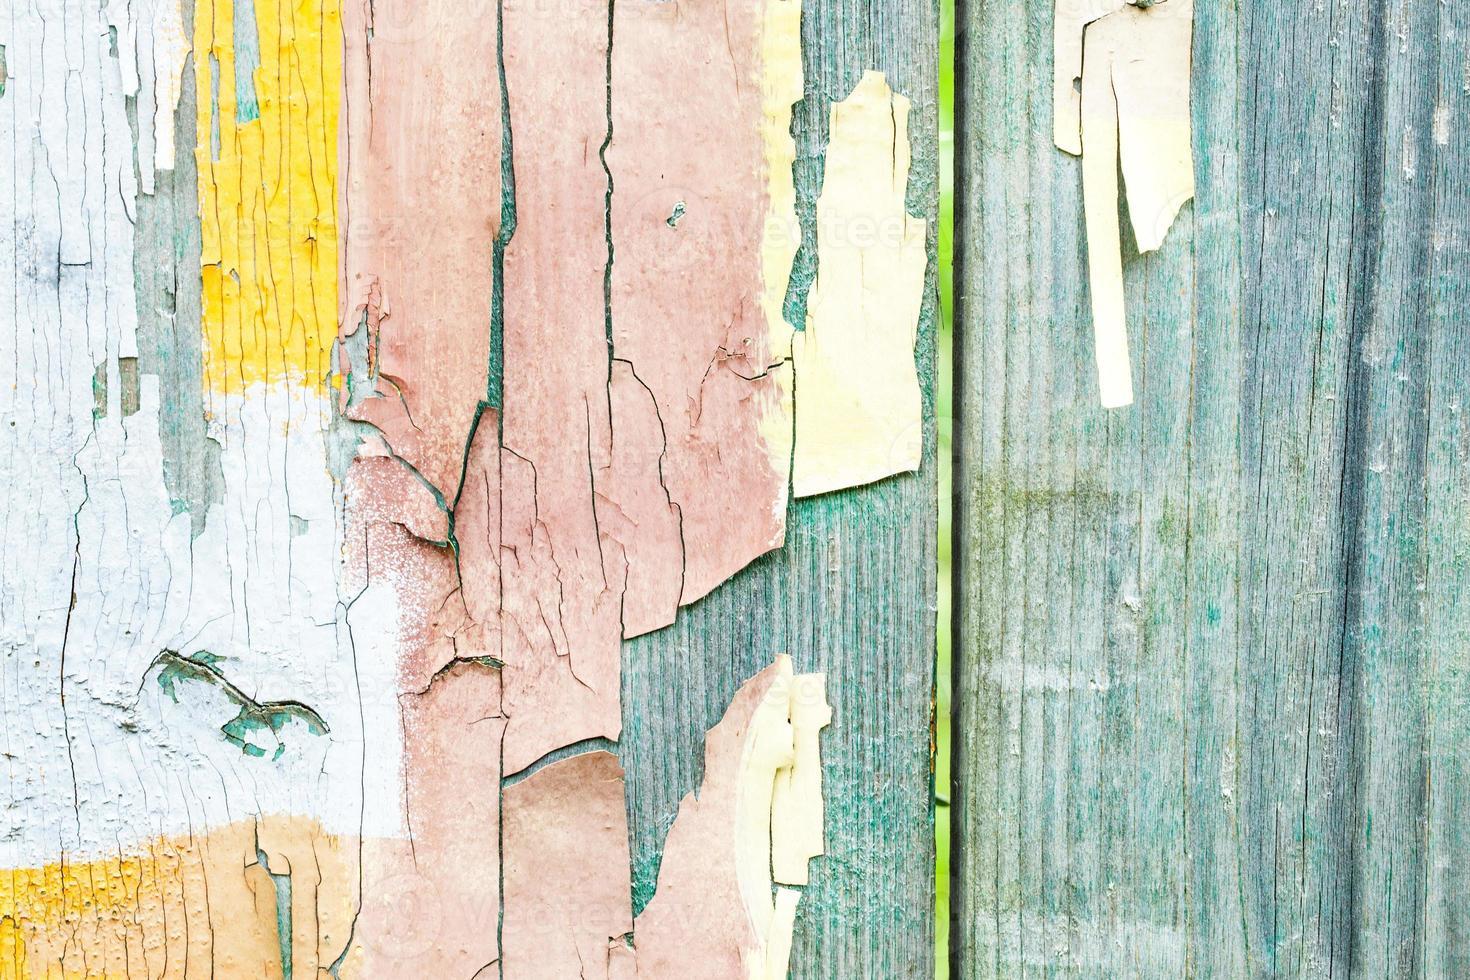 Grunge Holzplatten Textur foto